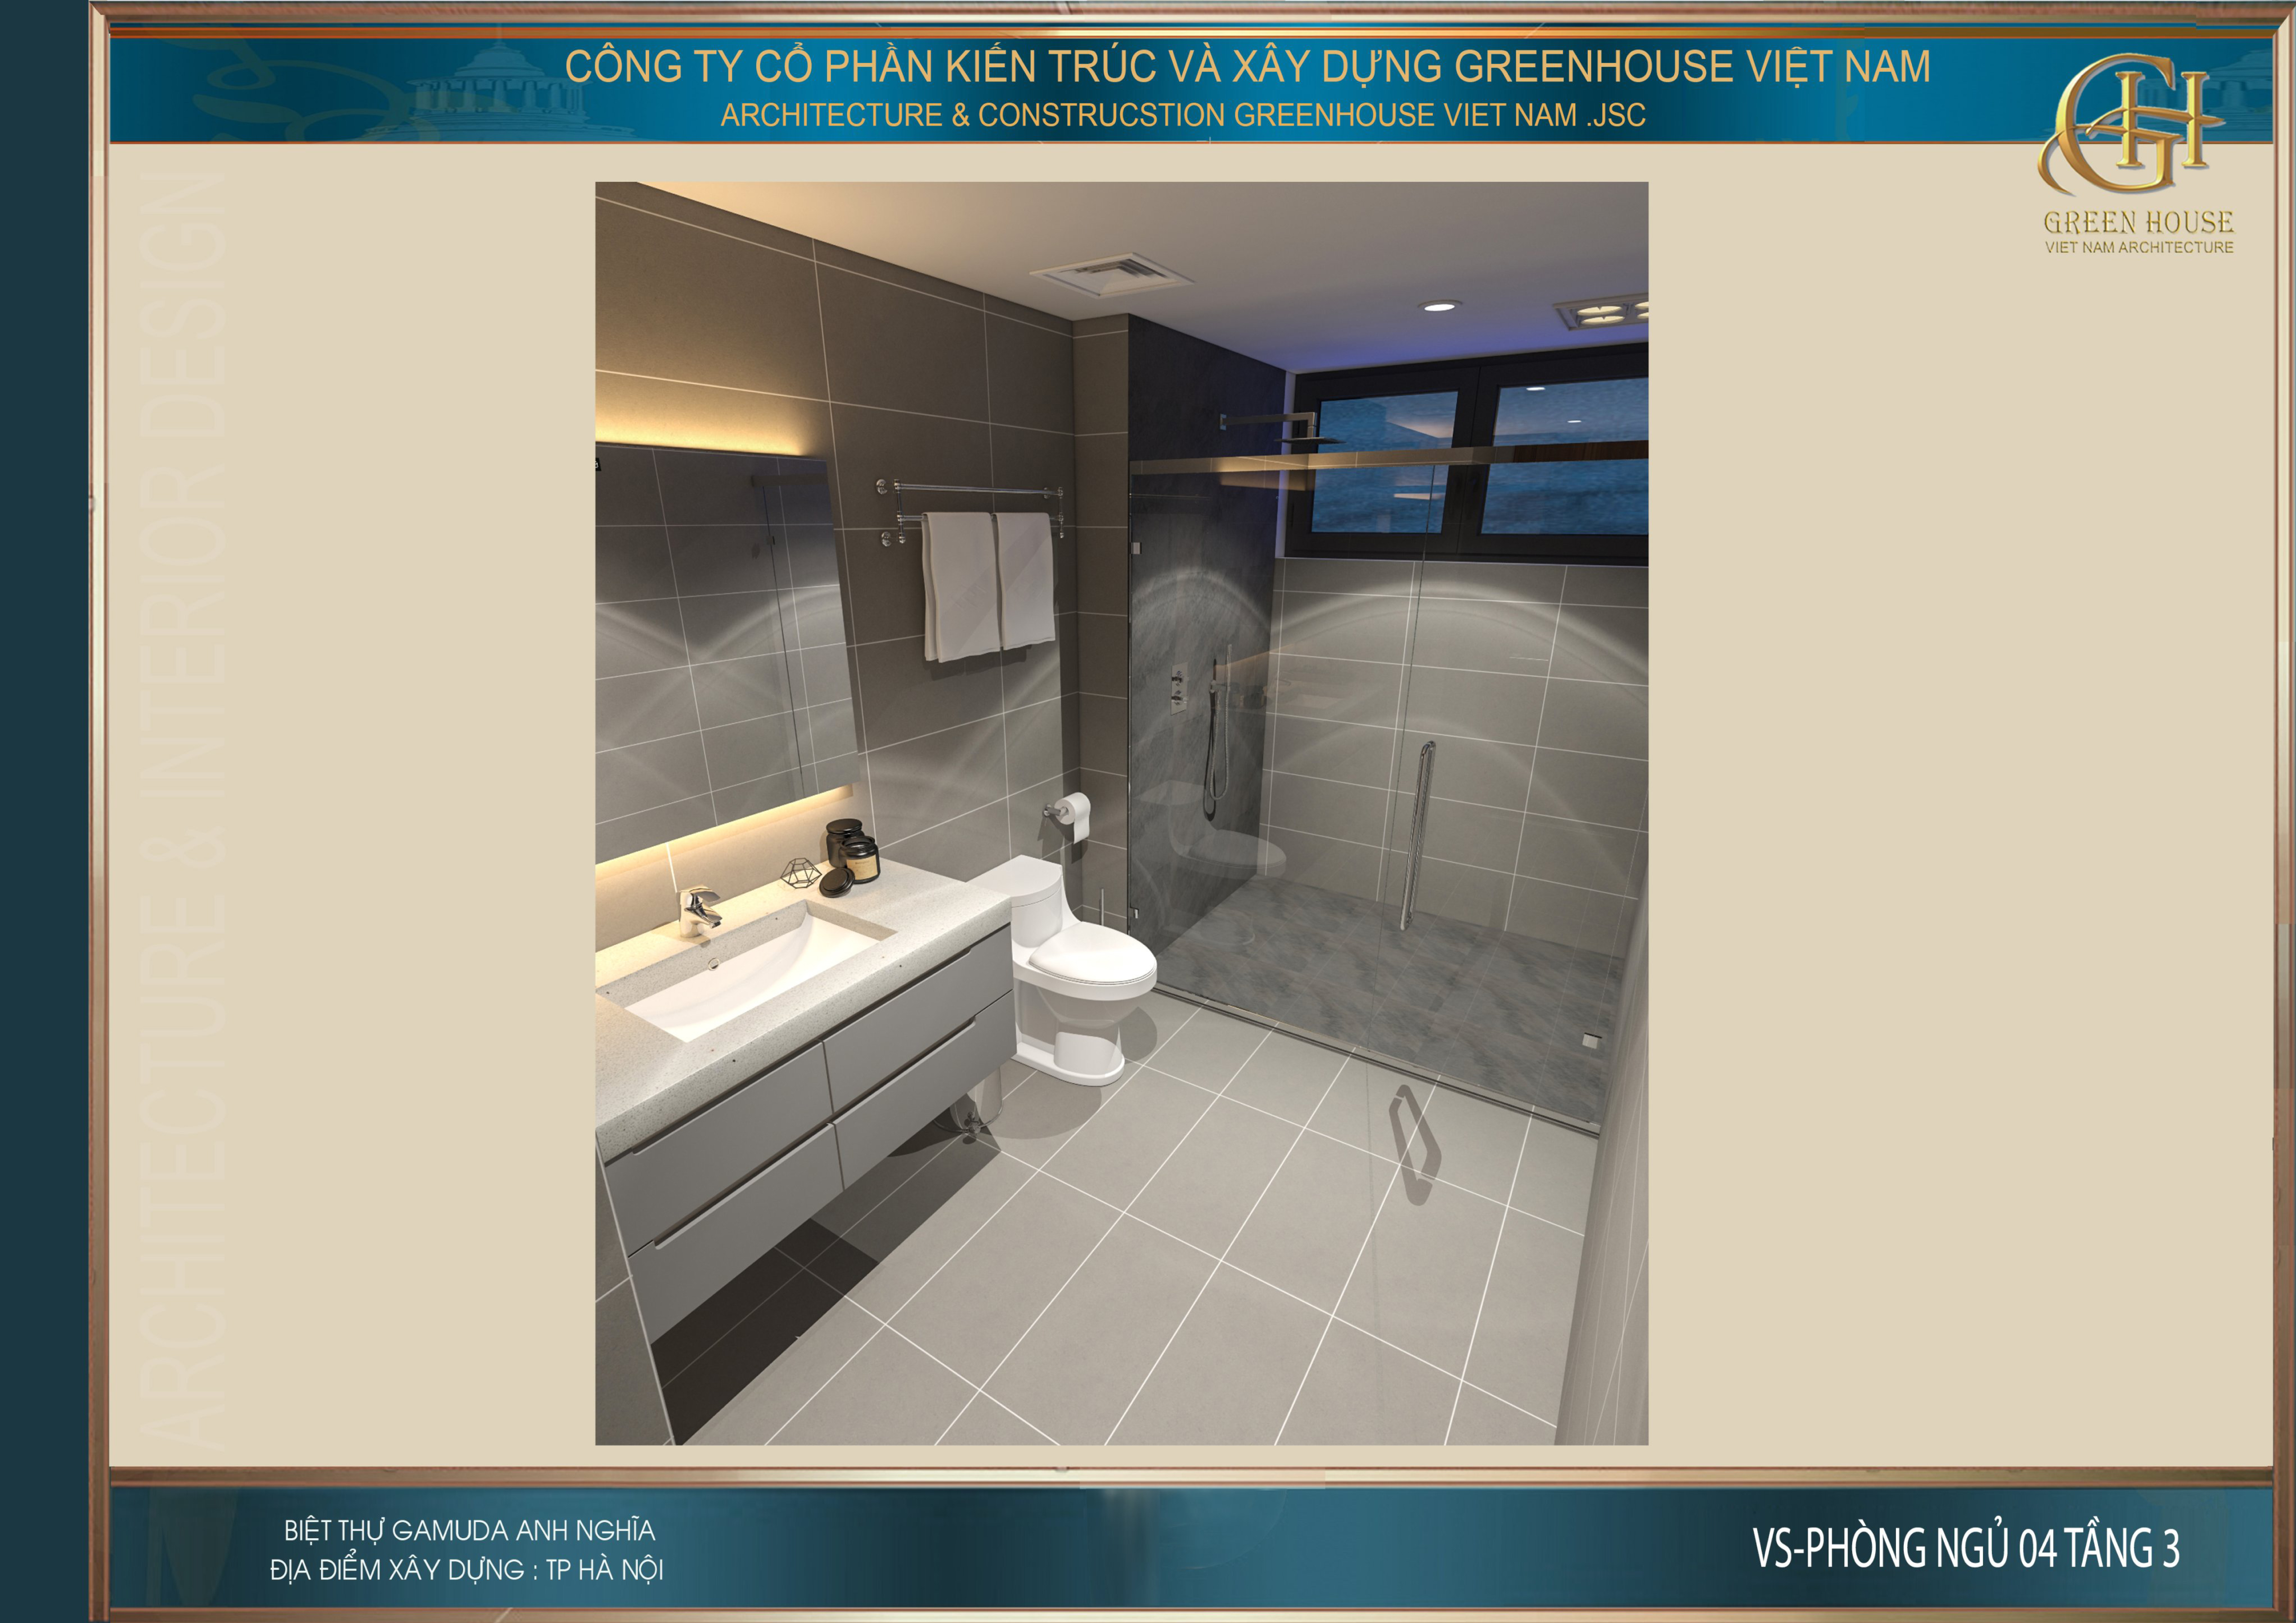 Thiết kế phòng vệ sinh của phòng ngủ tại tầng 3